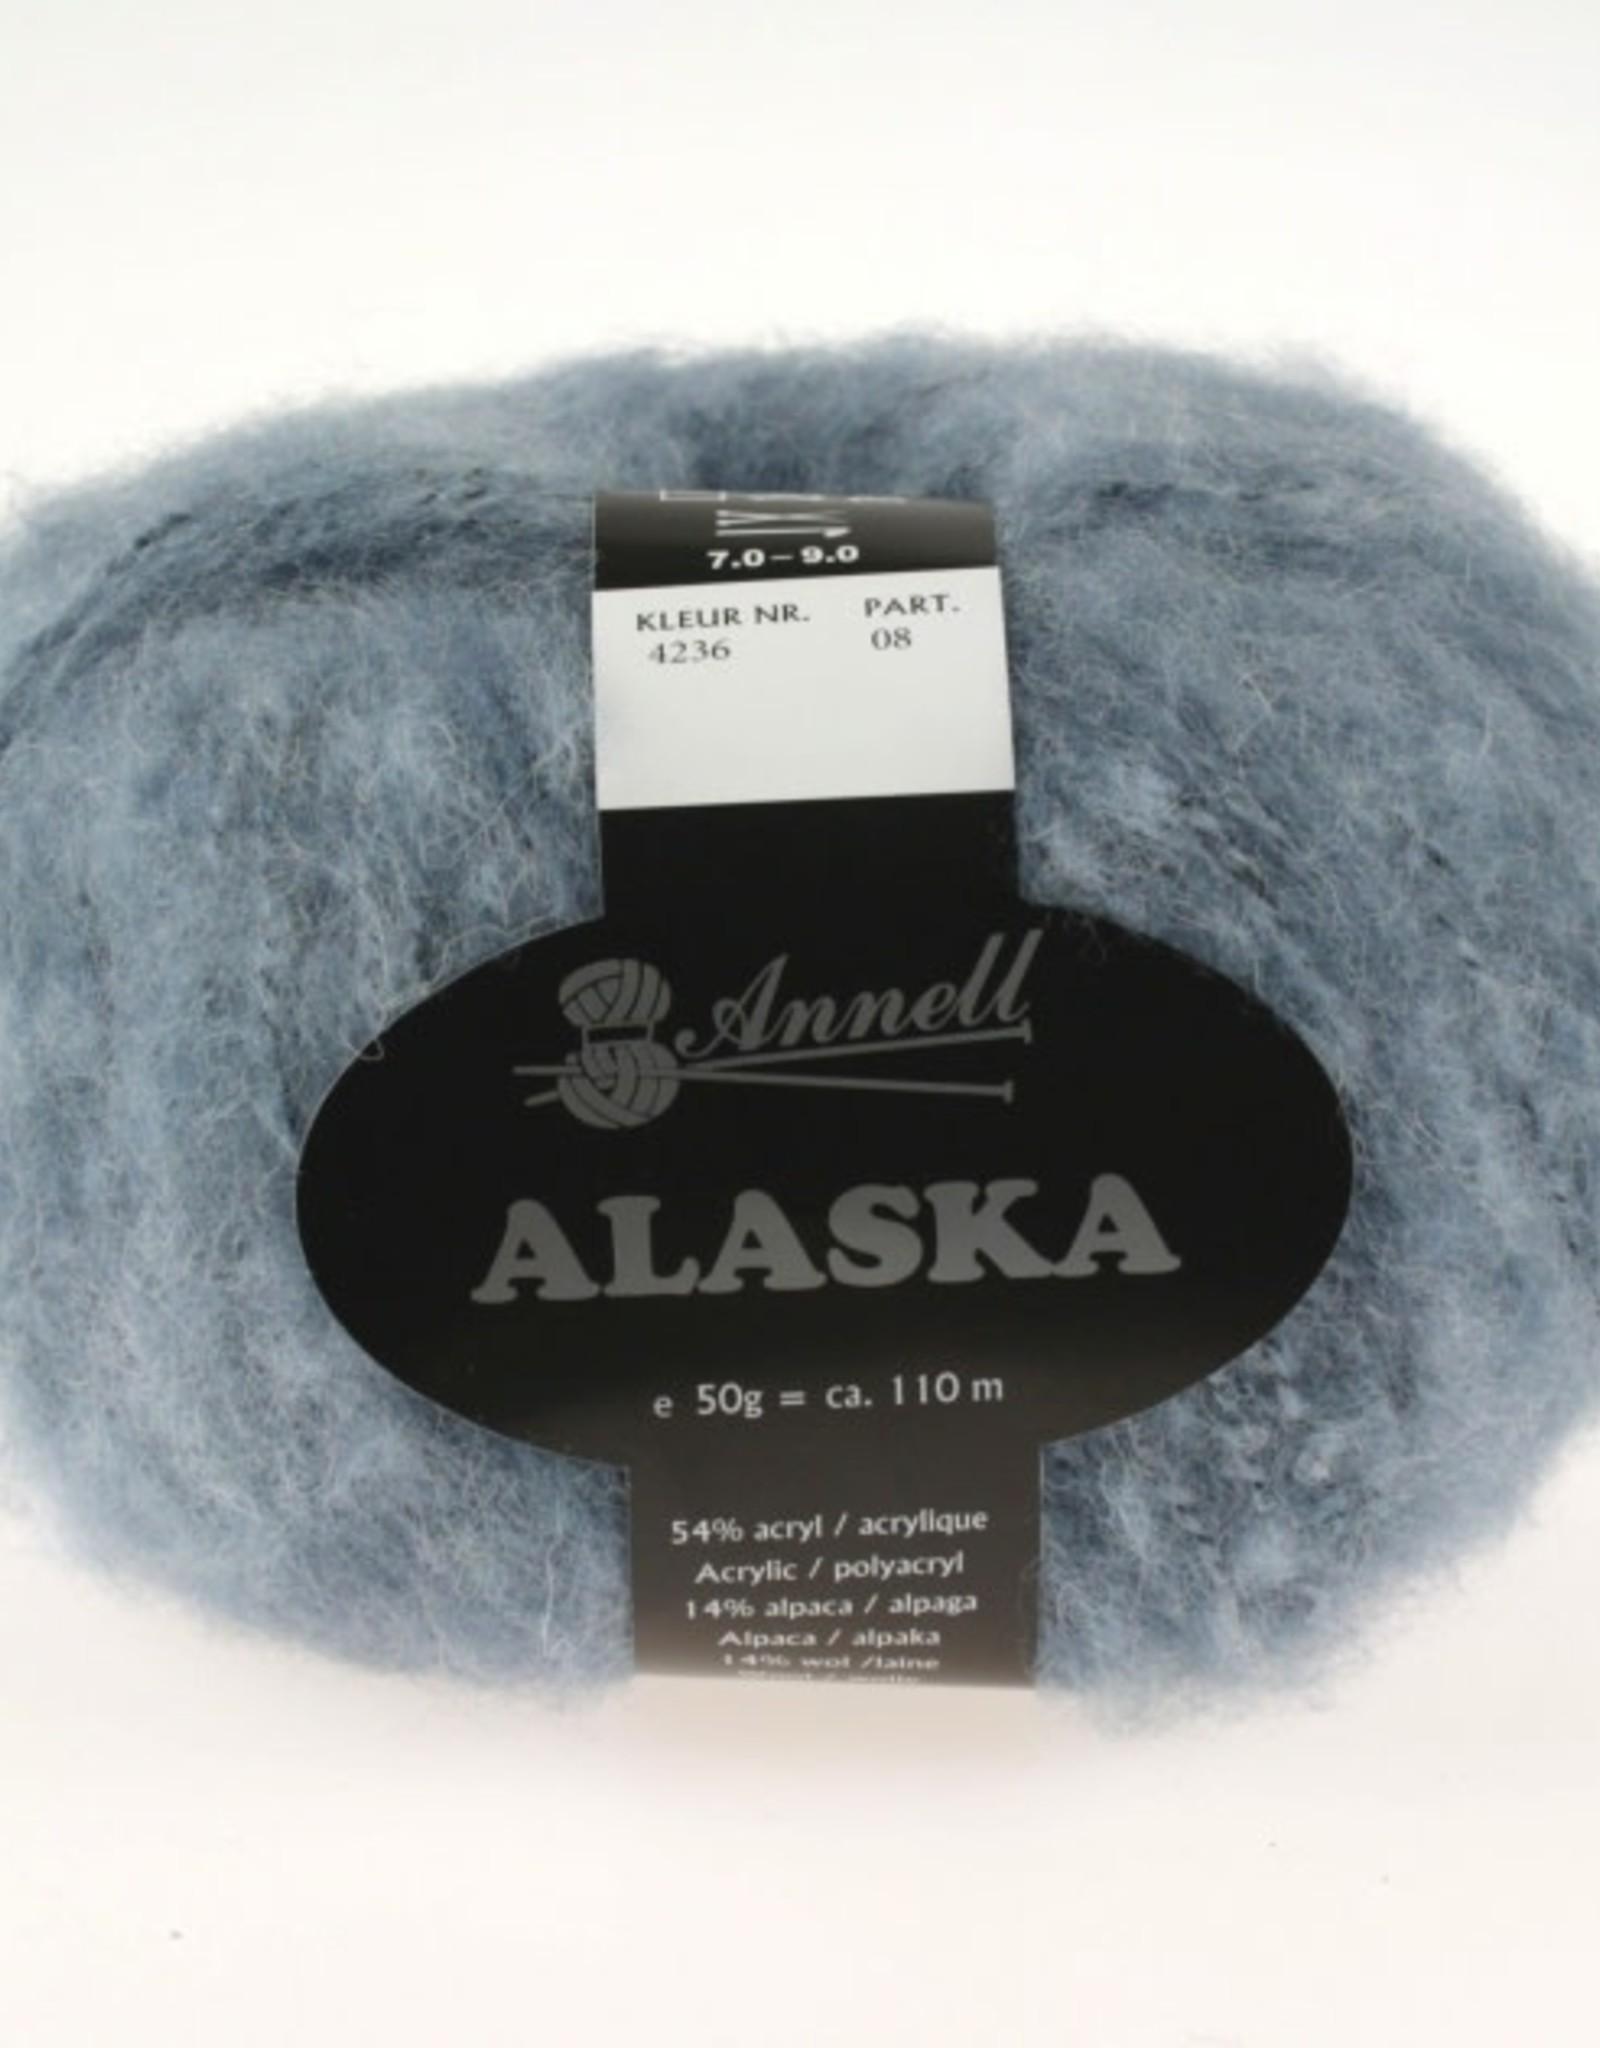 Annell Alaska  4236 – lichtblauw